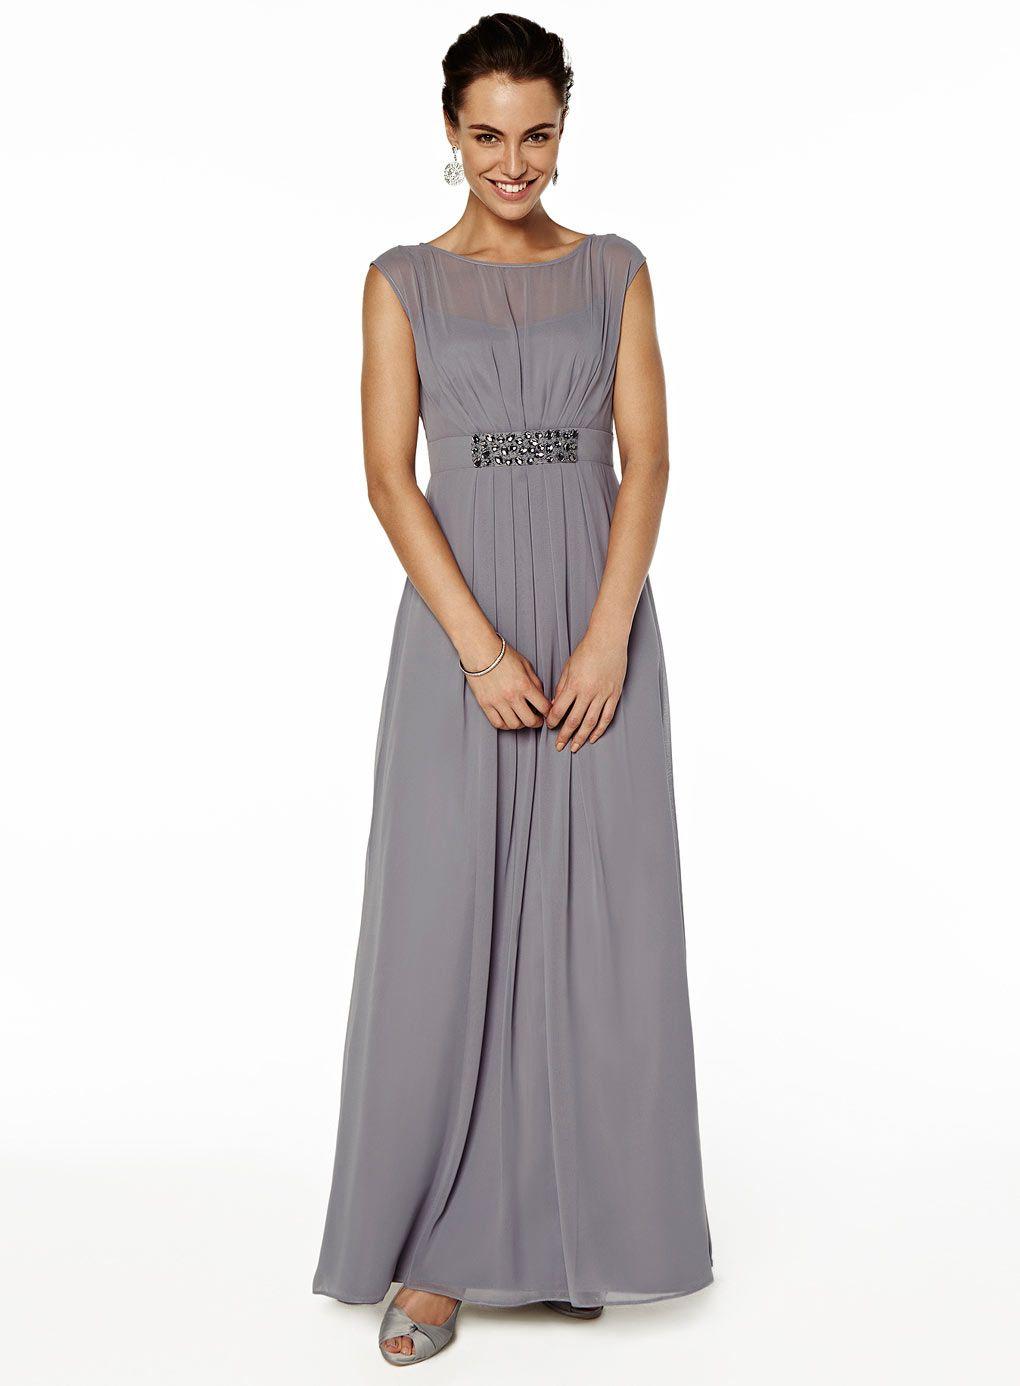 pewter dress - Soft Summer | Dresses | Pinterest | Brautjungfer